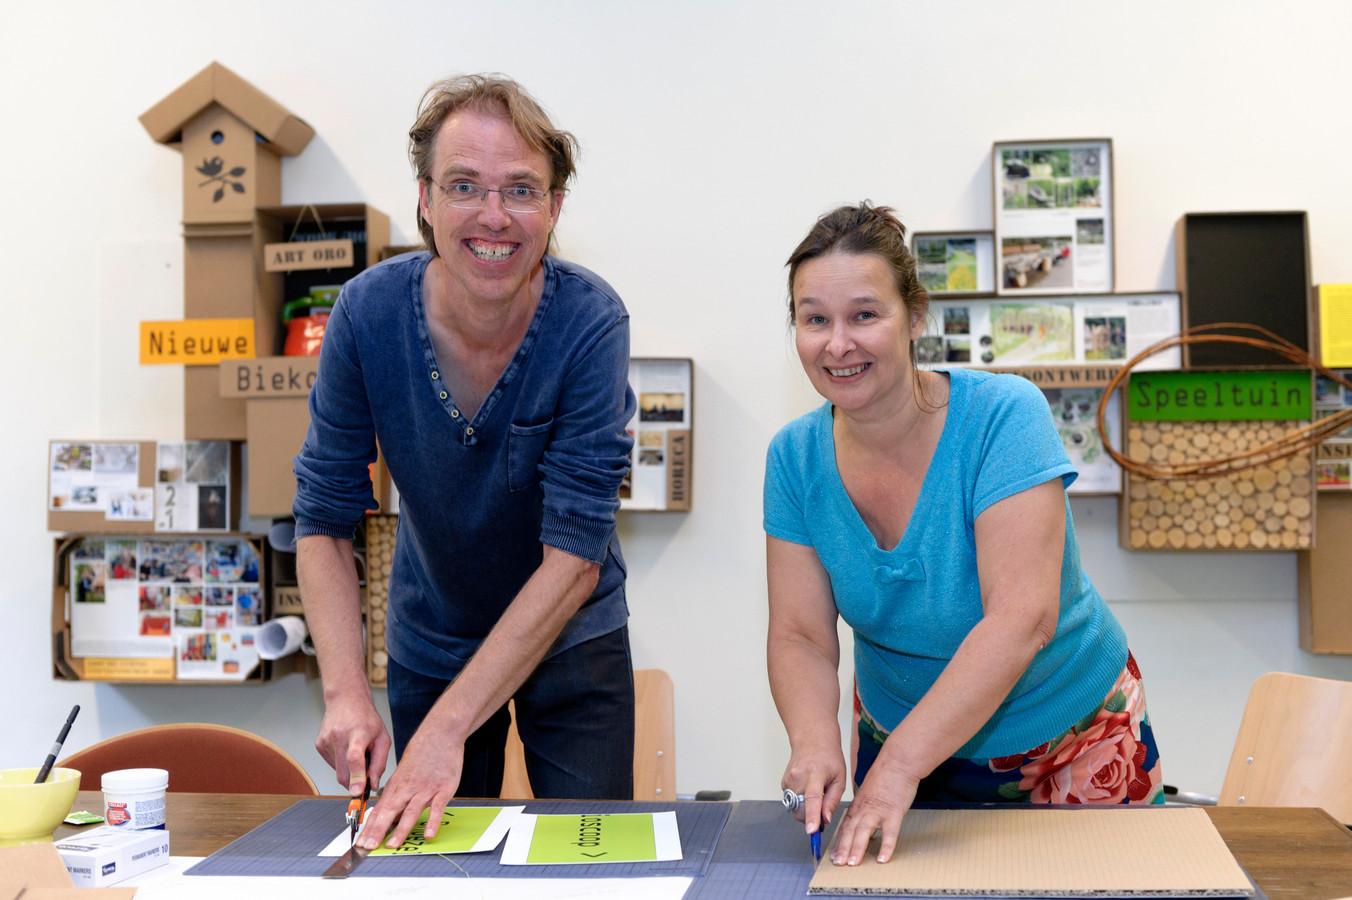 Het kunstenaarduo Sjaak Langenberg en Rosé de Beer maakt werk van hergebruikte materialen.